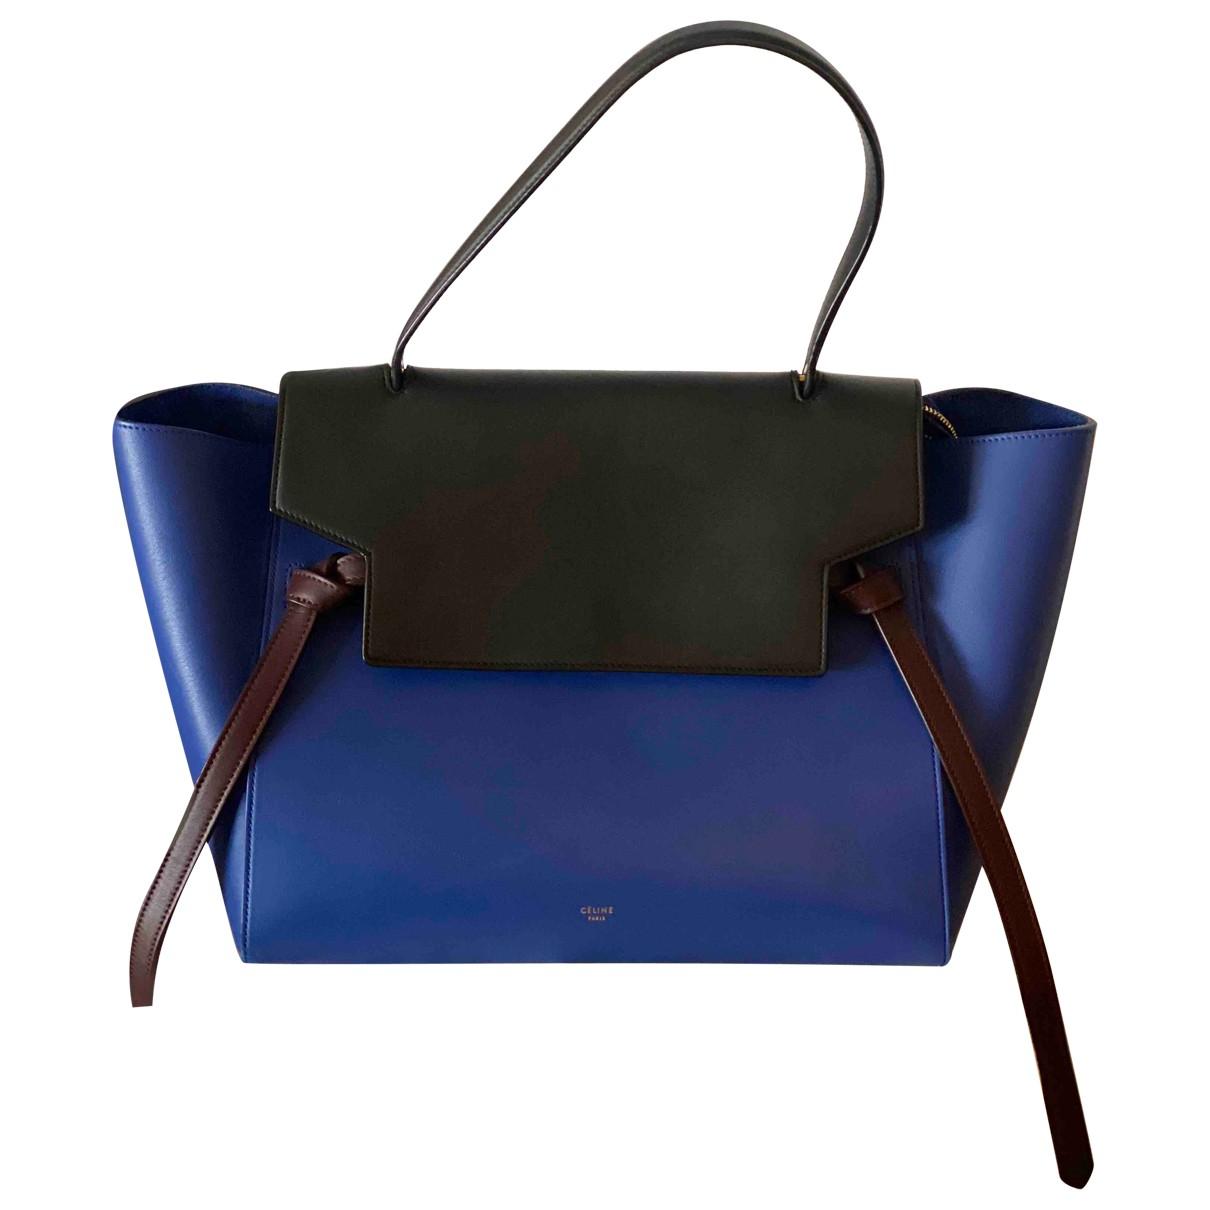 Celine - Sac a main Belt pour femme en cuir - bleu